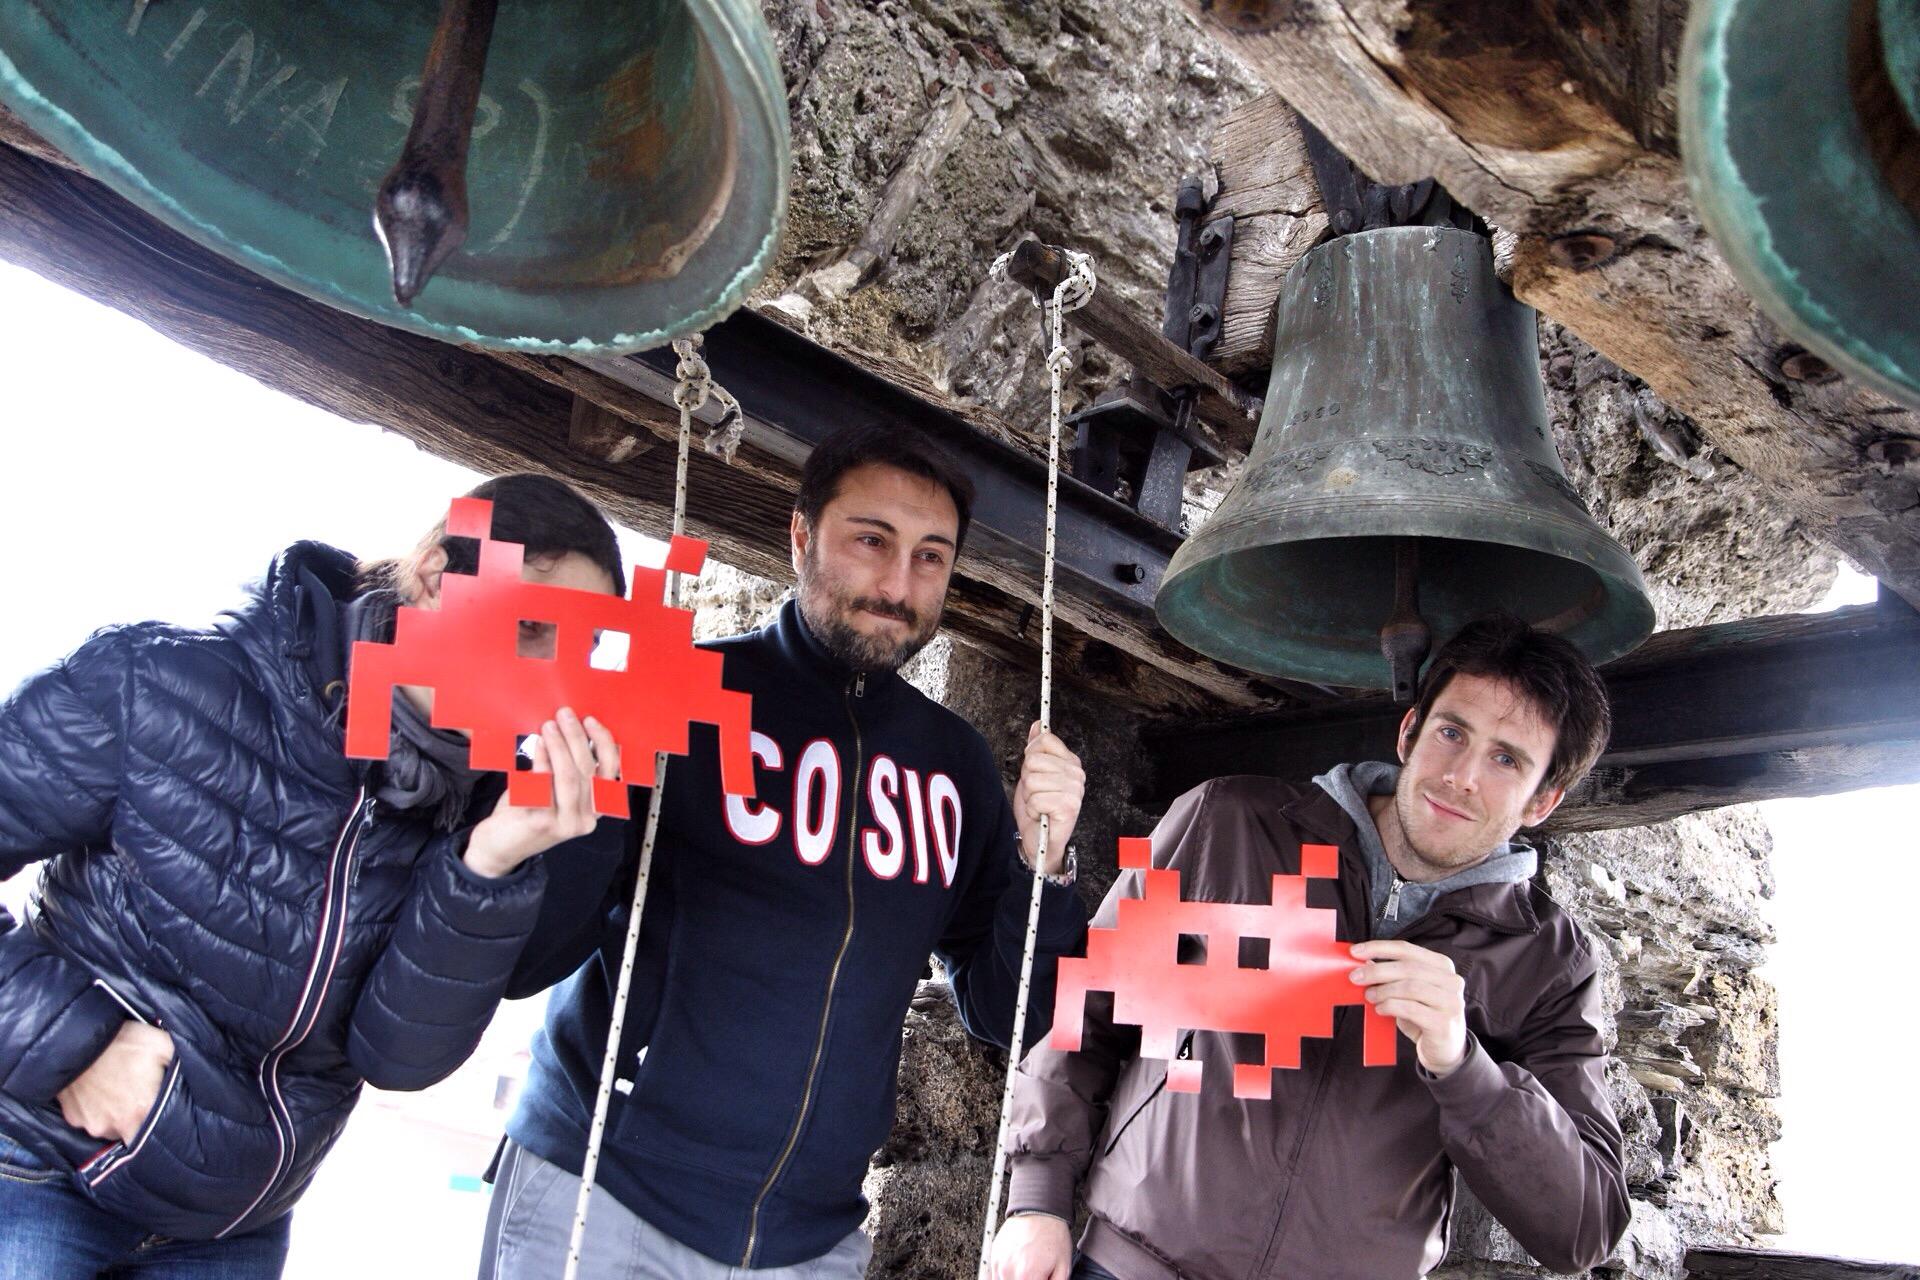 invasori sul campanile di Cosio d'Arroscia per le #invasionidigitali